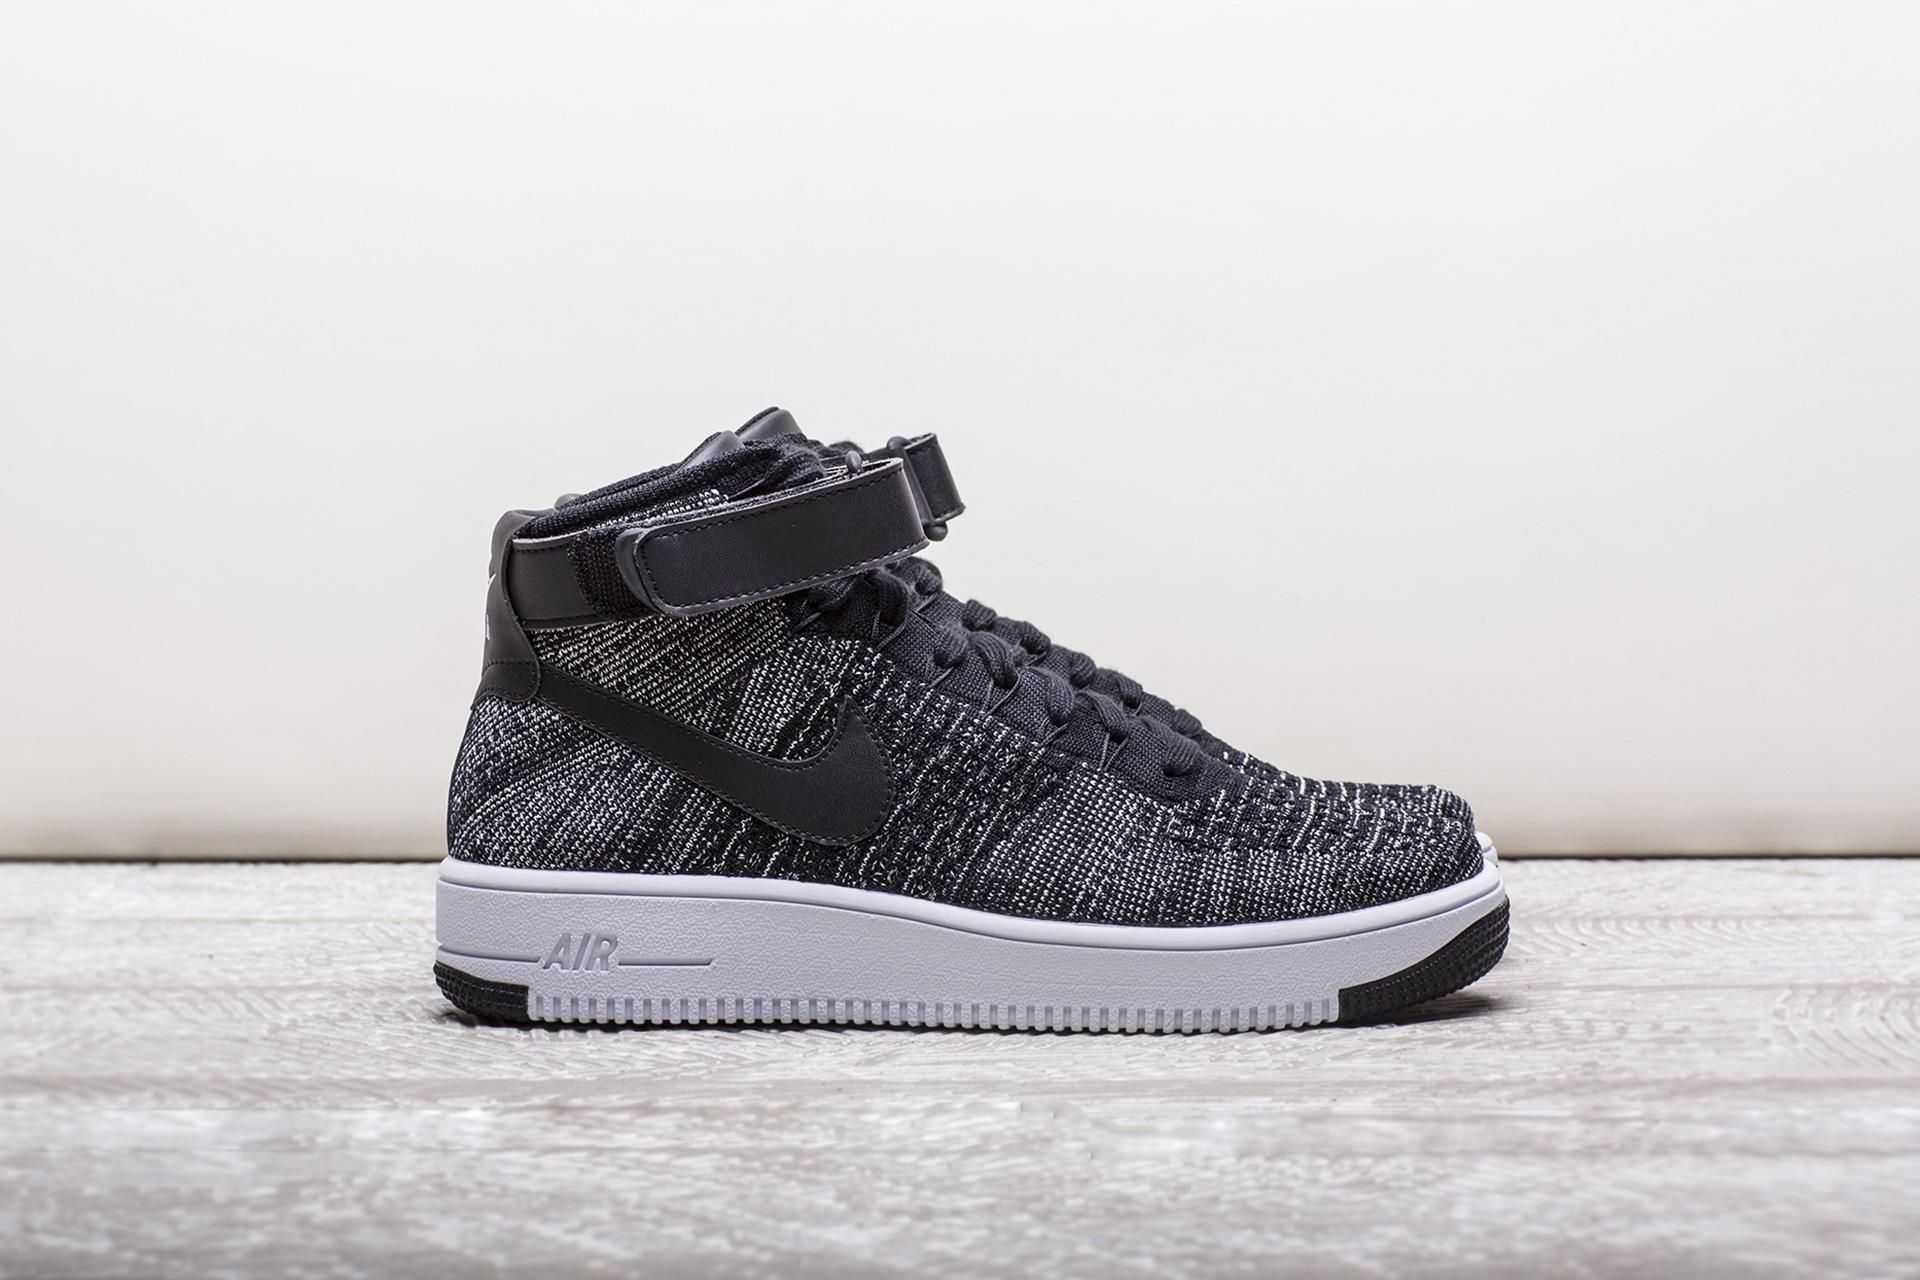 4ee780a6abfe3c Купить чёрные мужские кроссовки Air Force 1 Ultra Flyknit Mid от ...